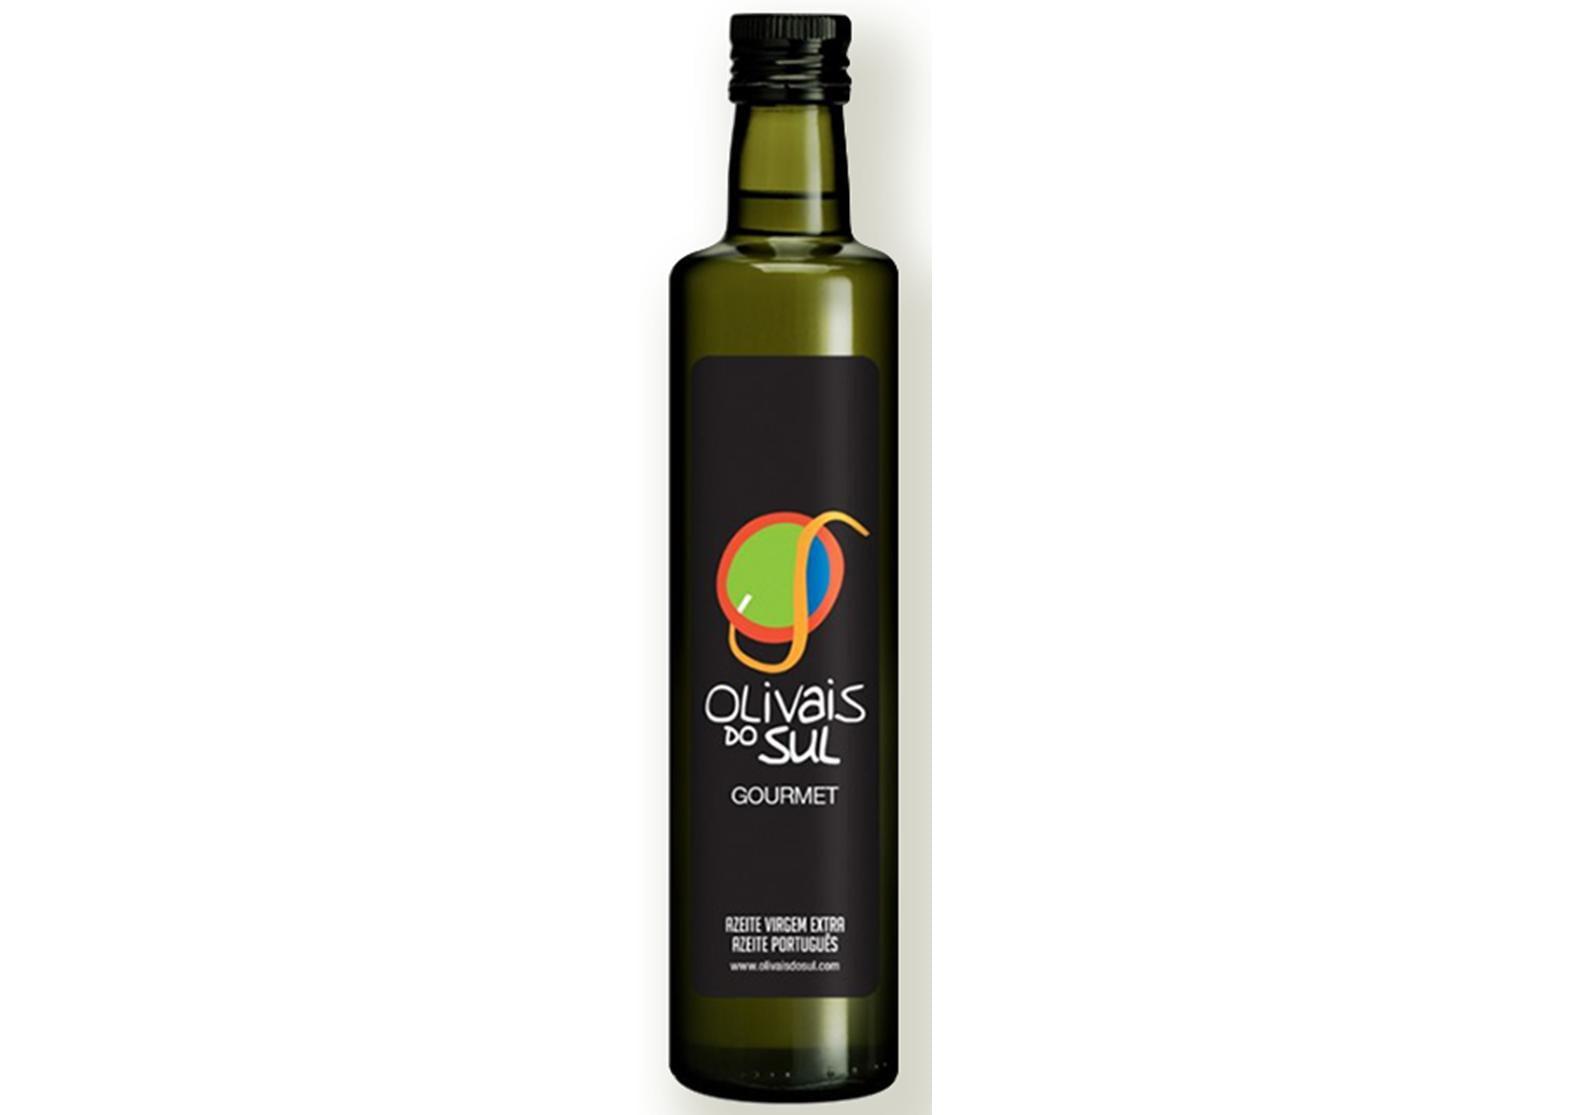 Gourmet - Olivais do Sul - Huile d'olive de l'Alentejo - Portugal